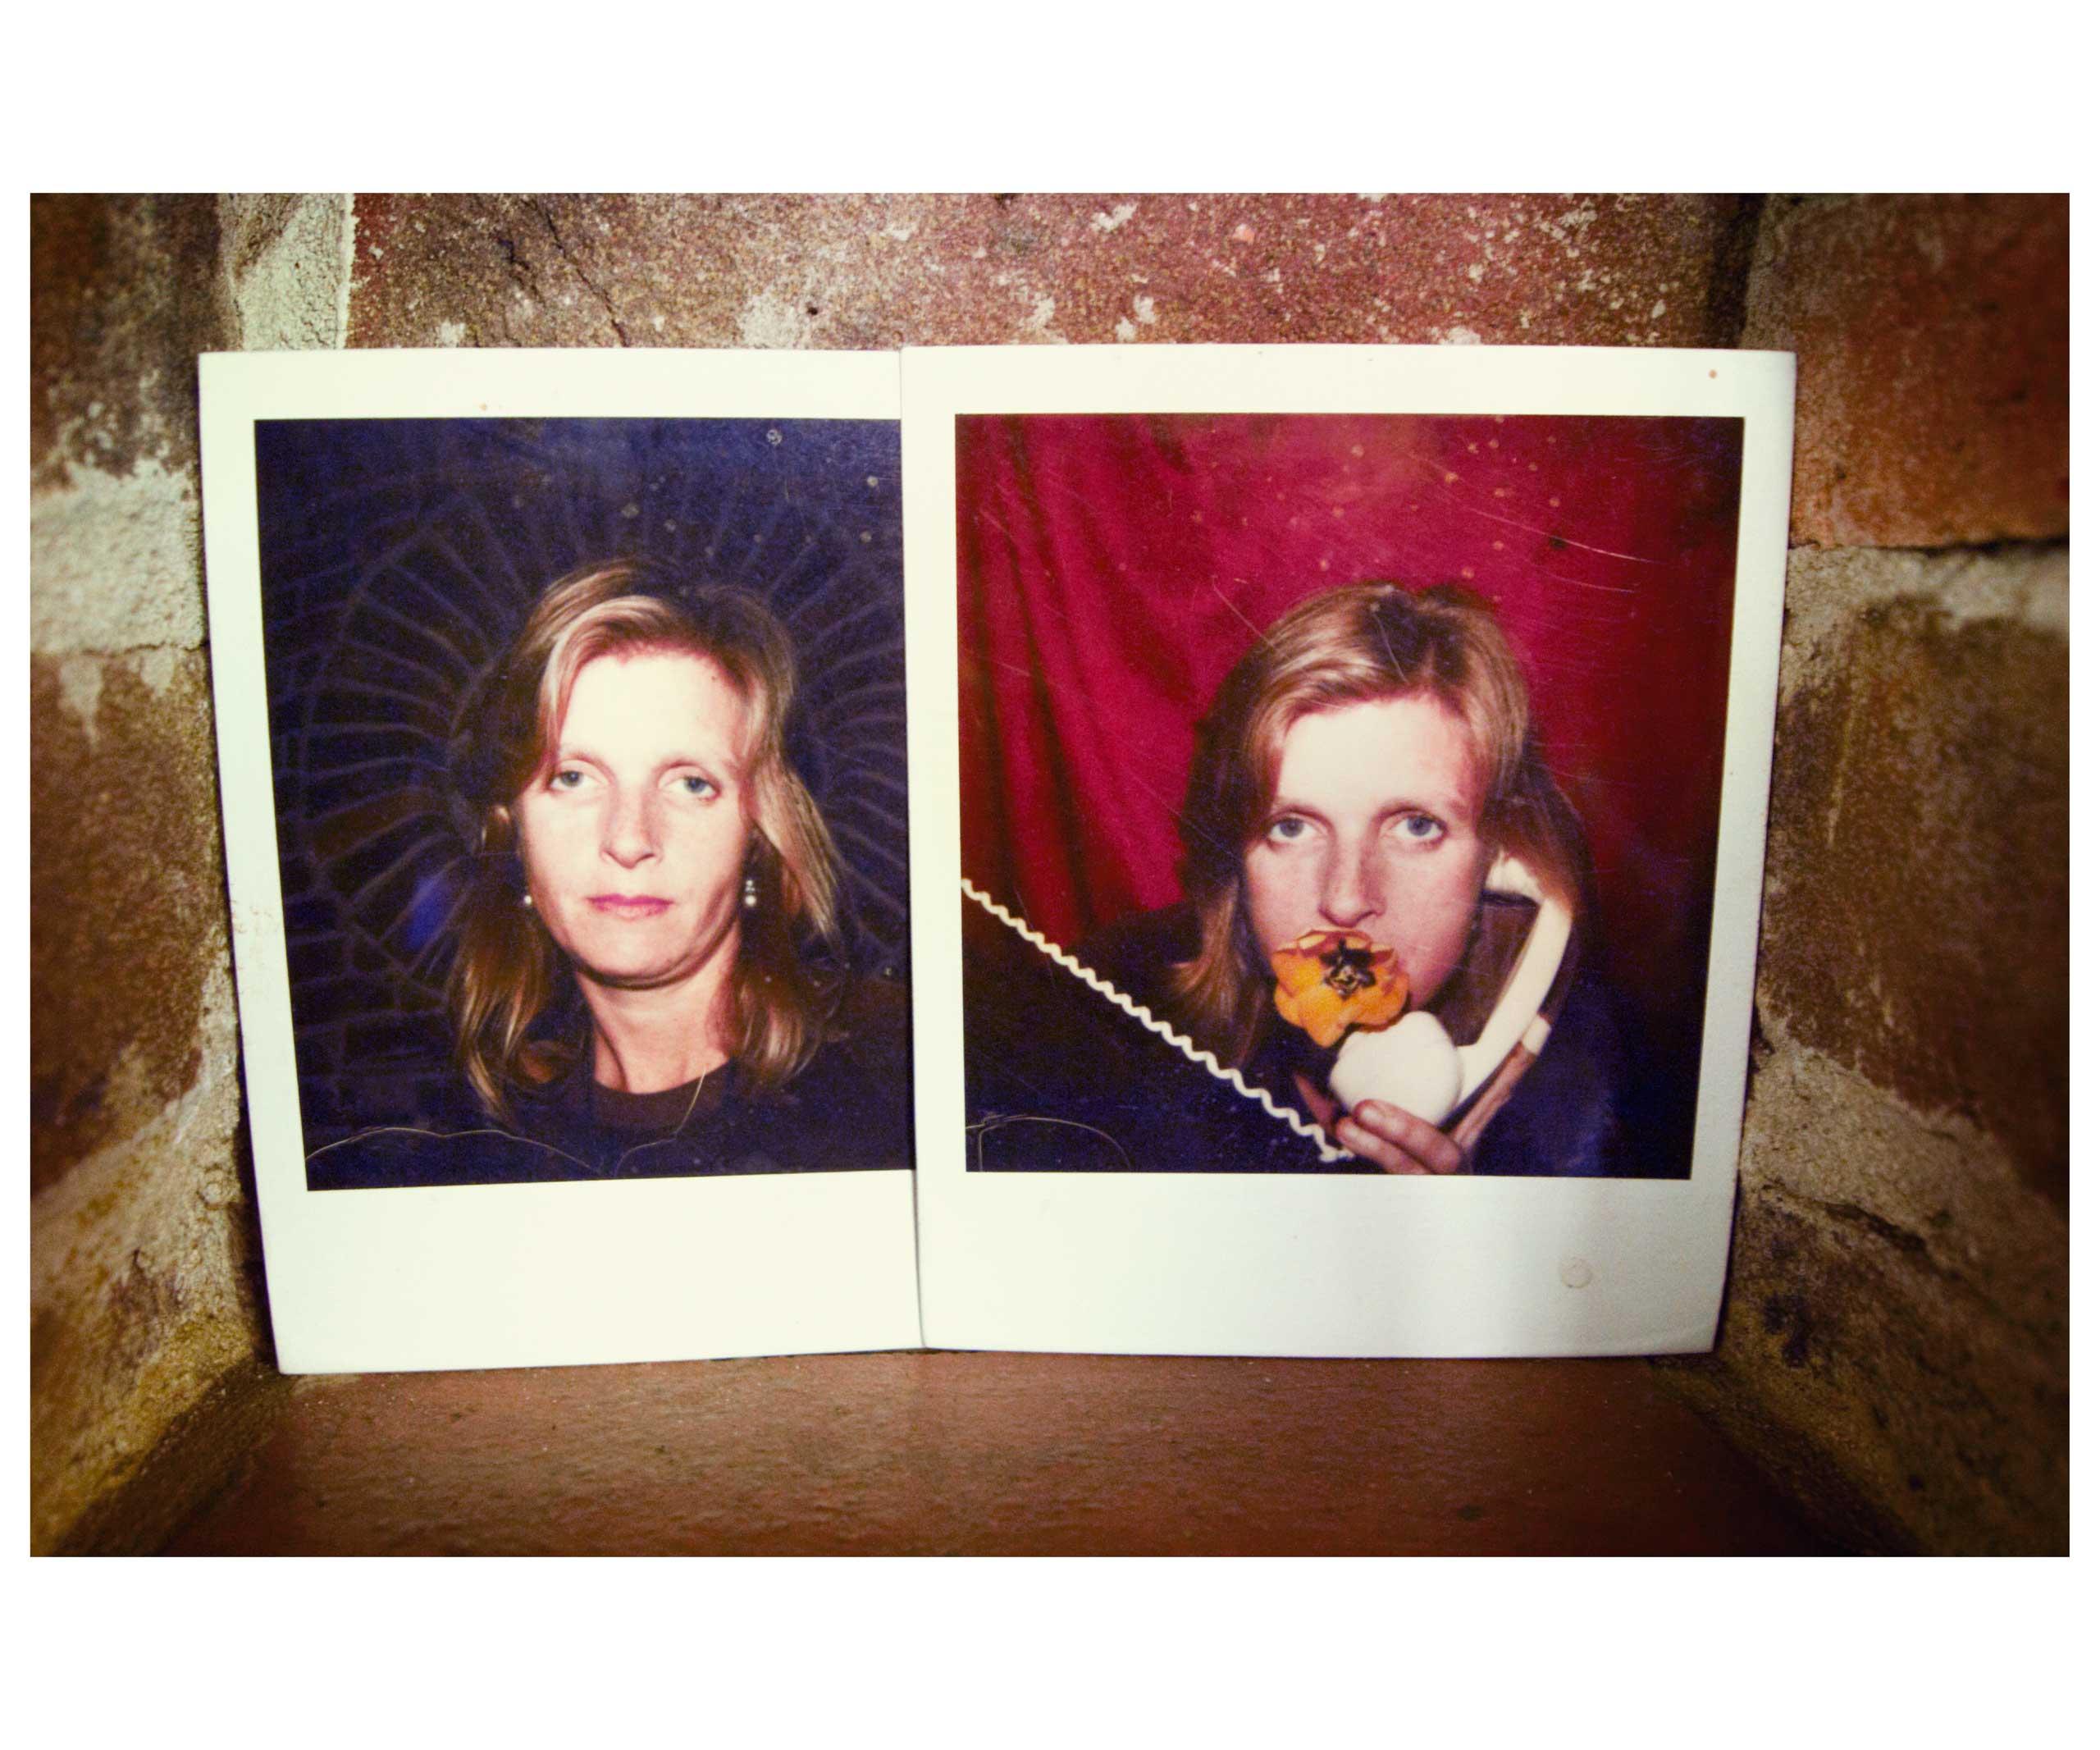 Linda in Polaroids, Sussex, 2011